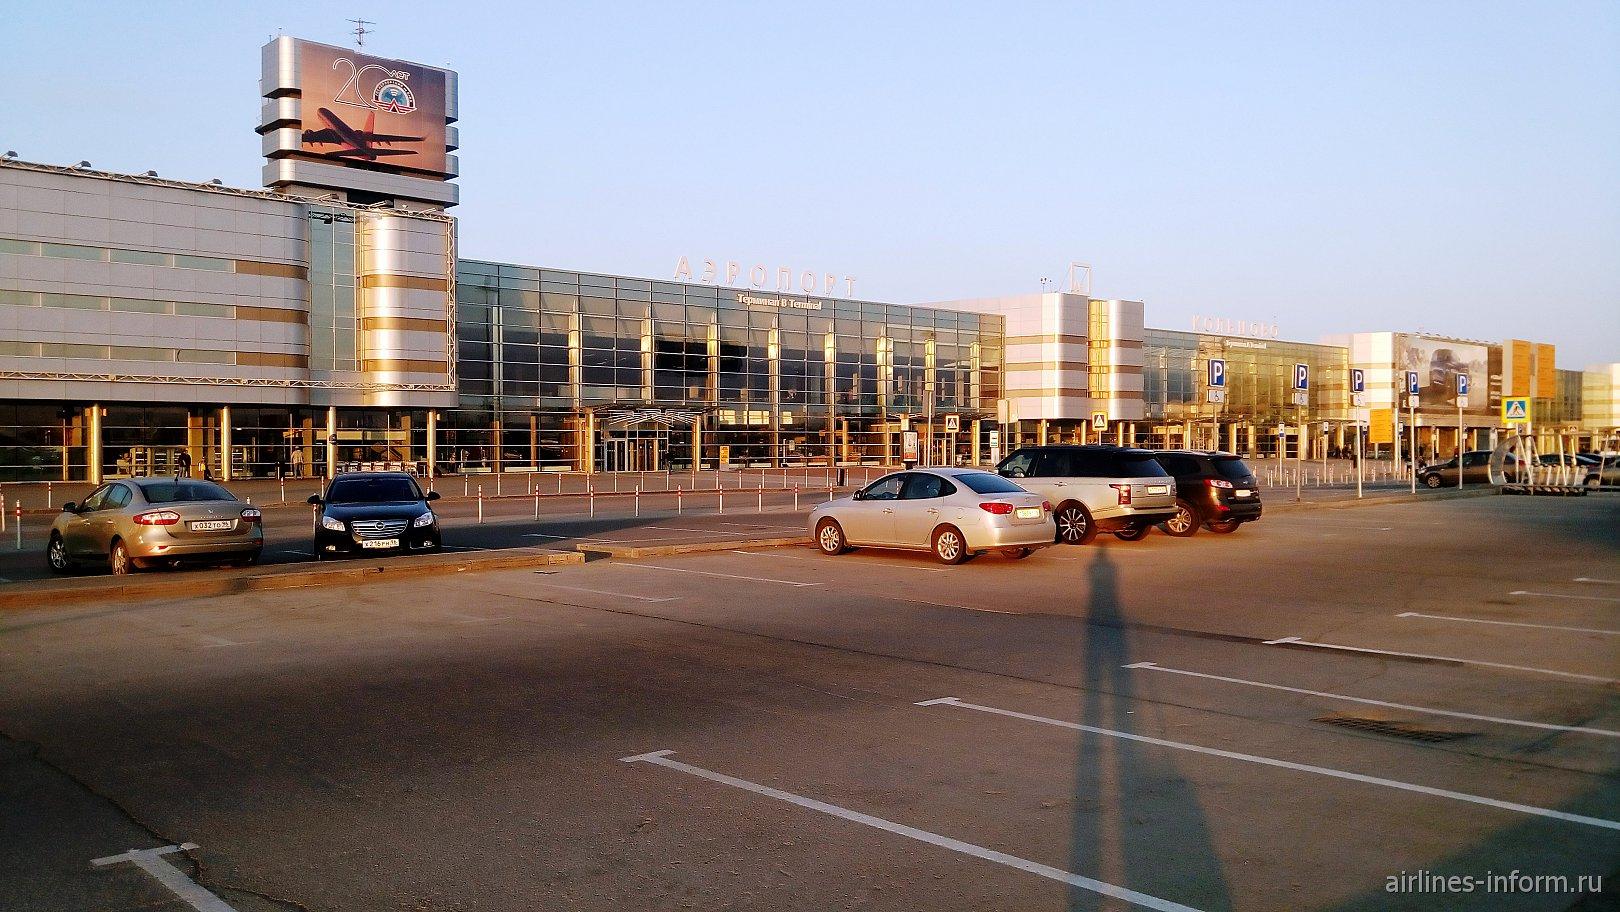 Пассажирские терминалы аэропорта Екатеринбург Кольцово